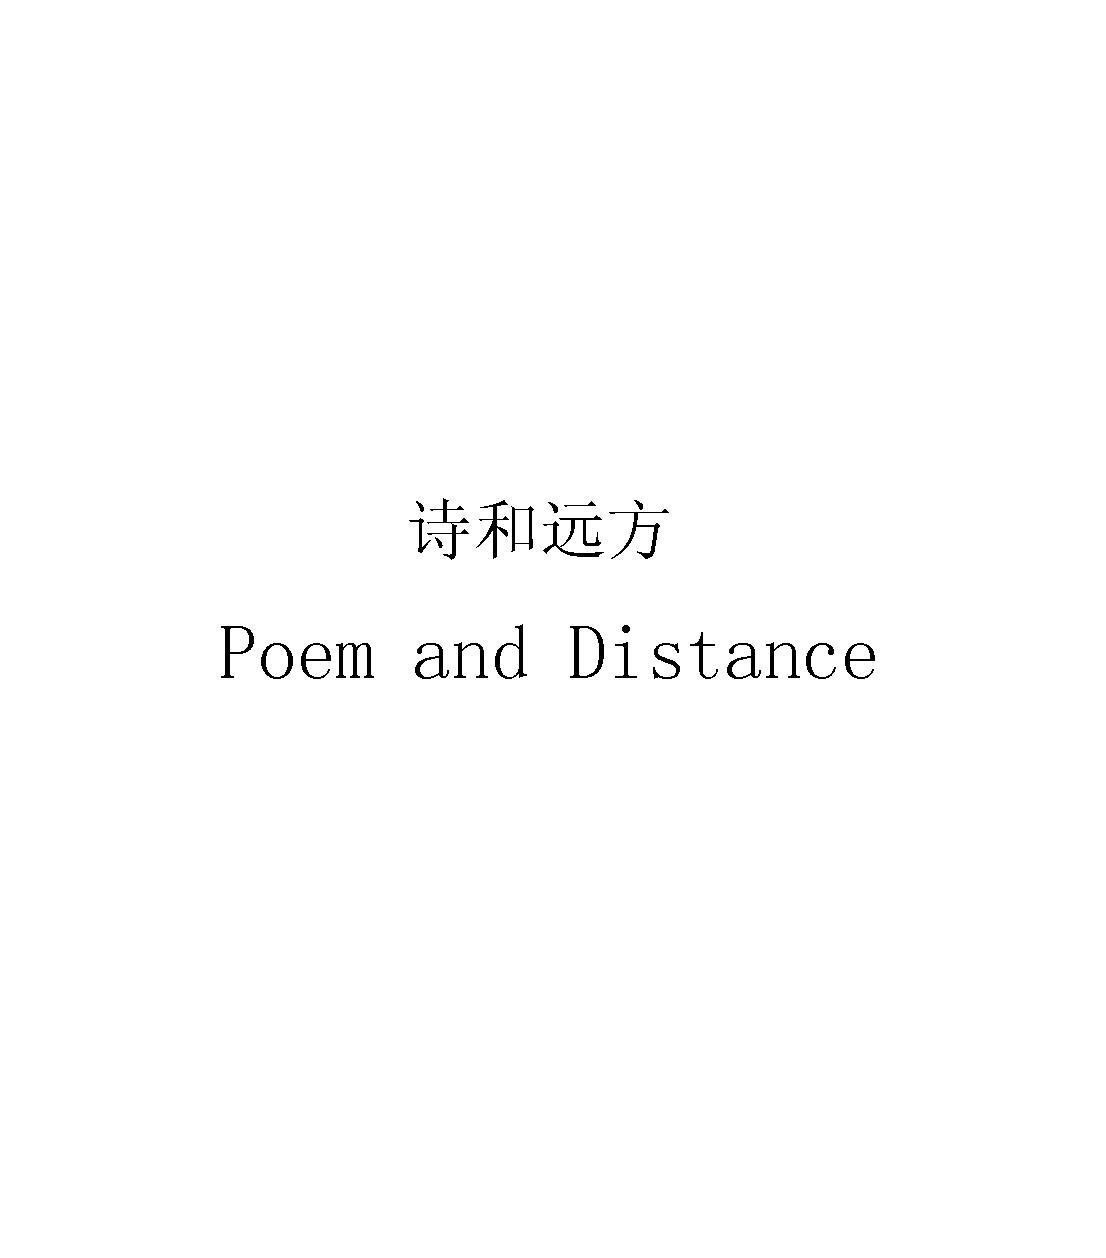 诗和远方 POEM AND DISTANCE